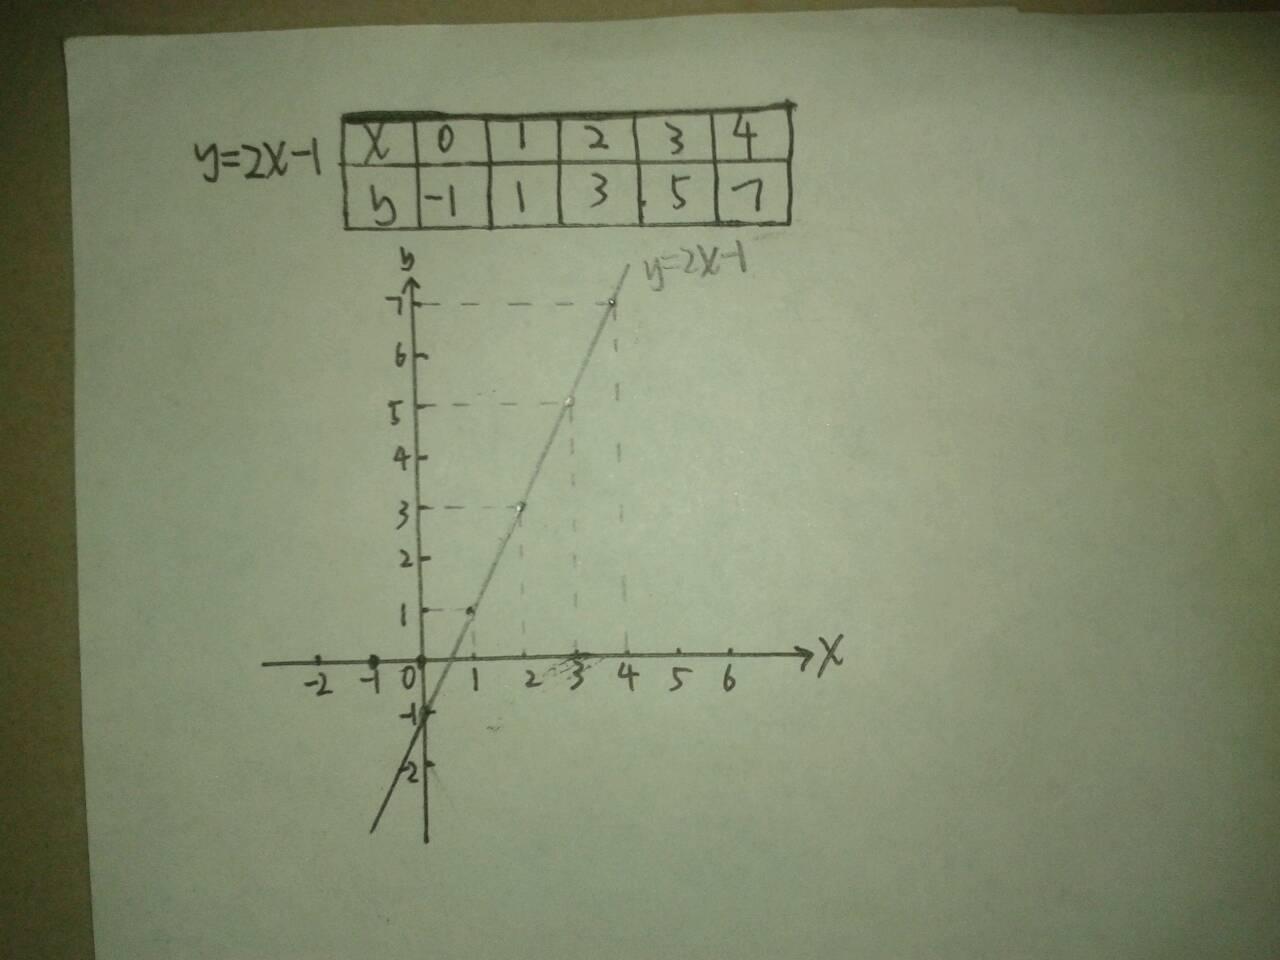 单缸�9��y�.������9f_已知函数y=(2x 1)/(x-3),则y的值域为?